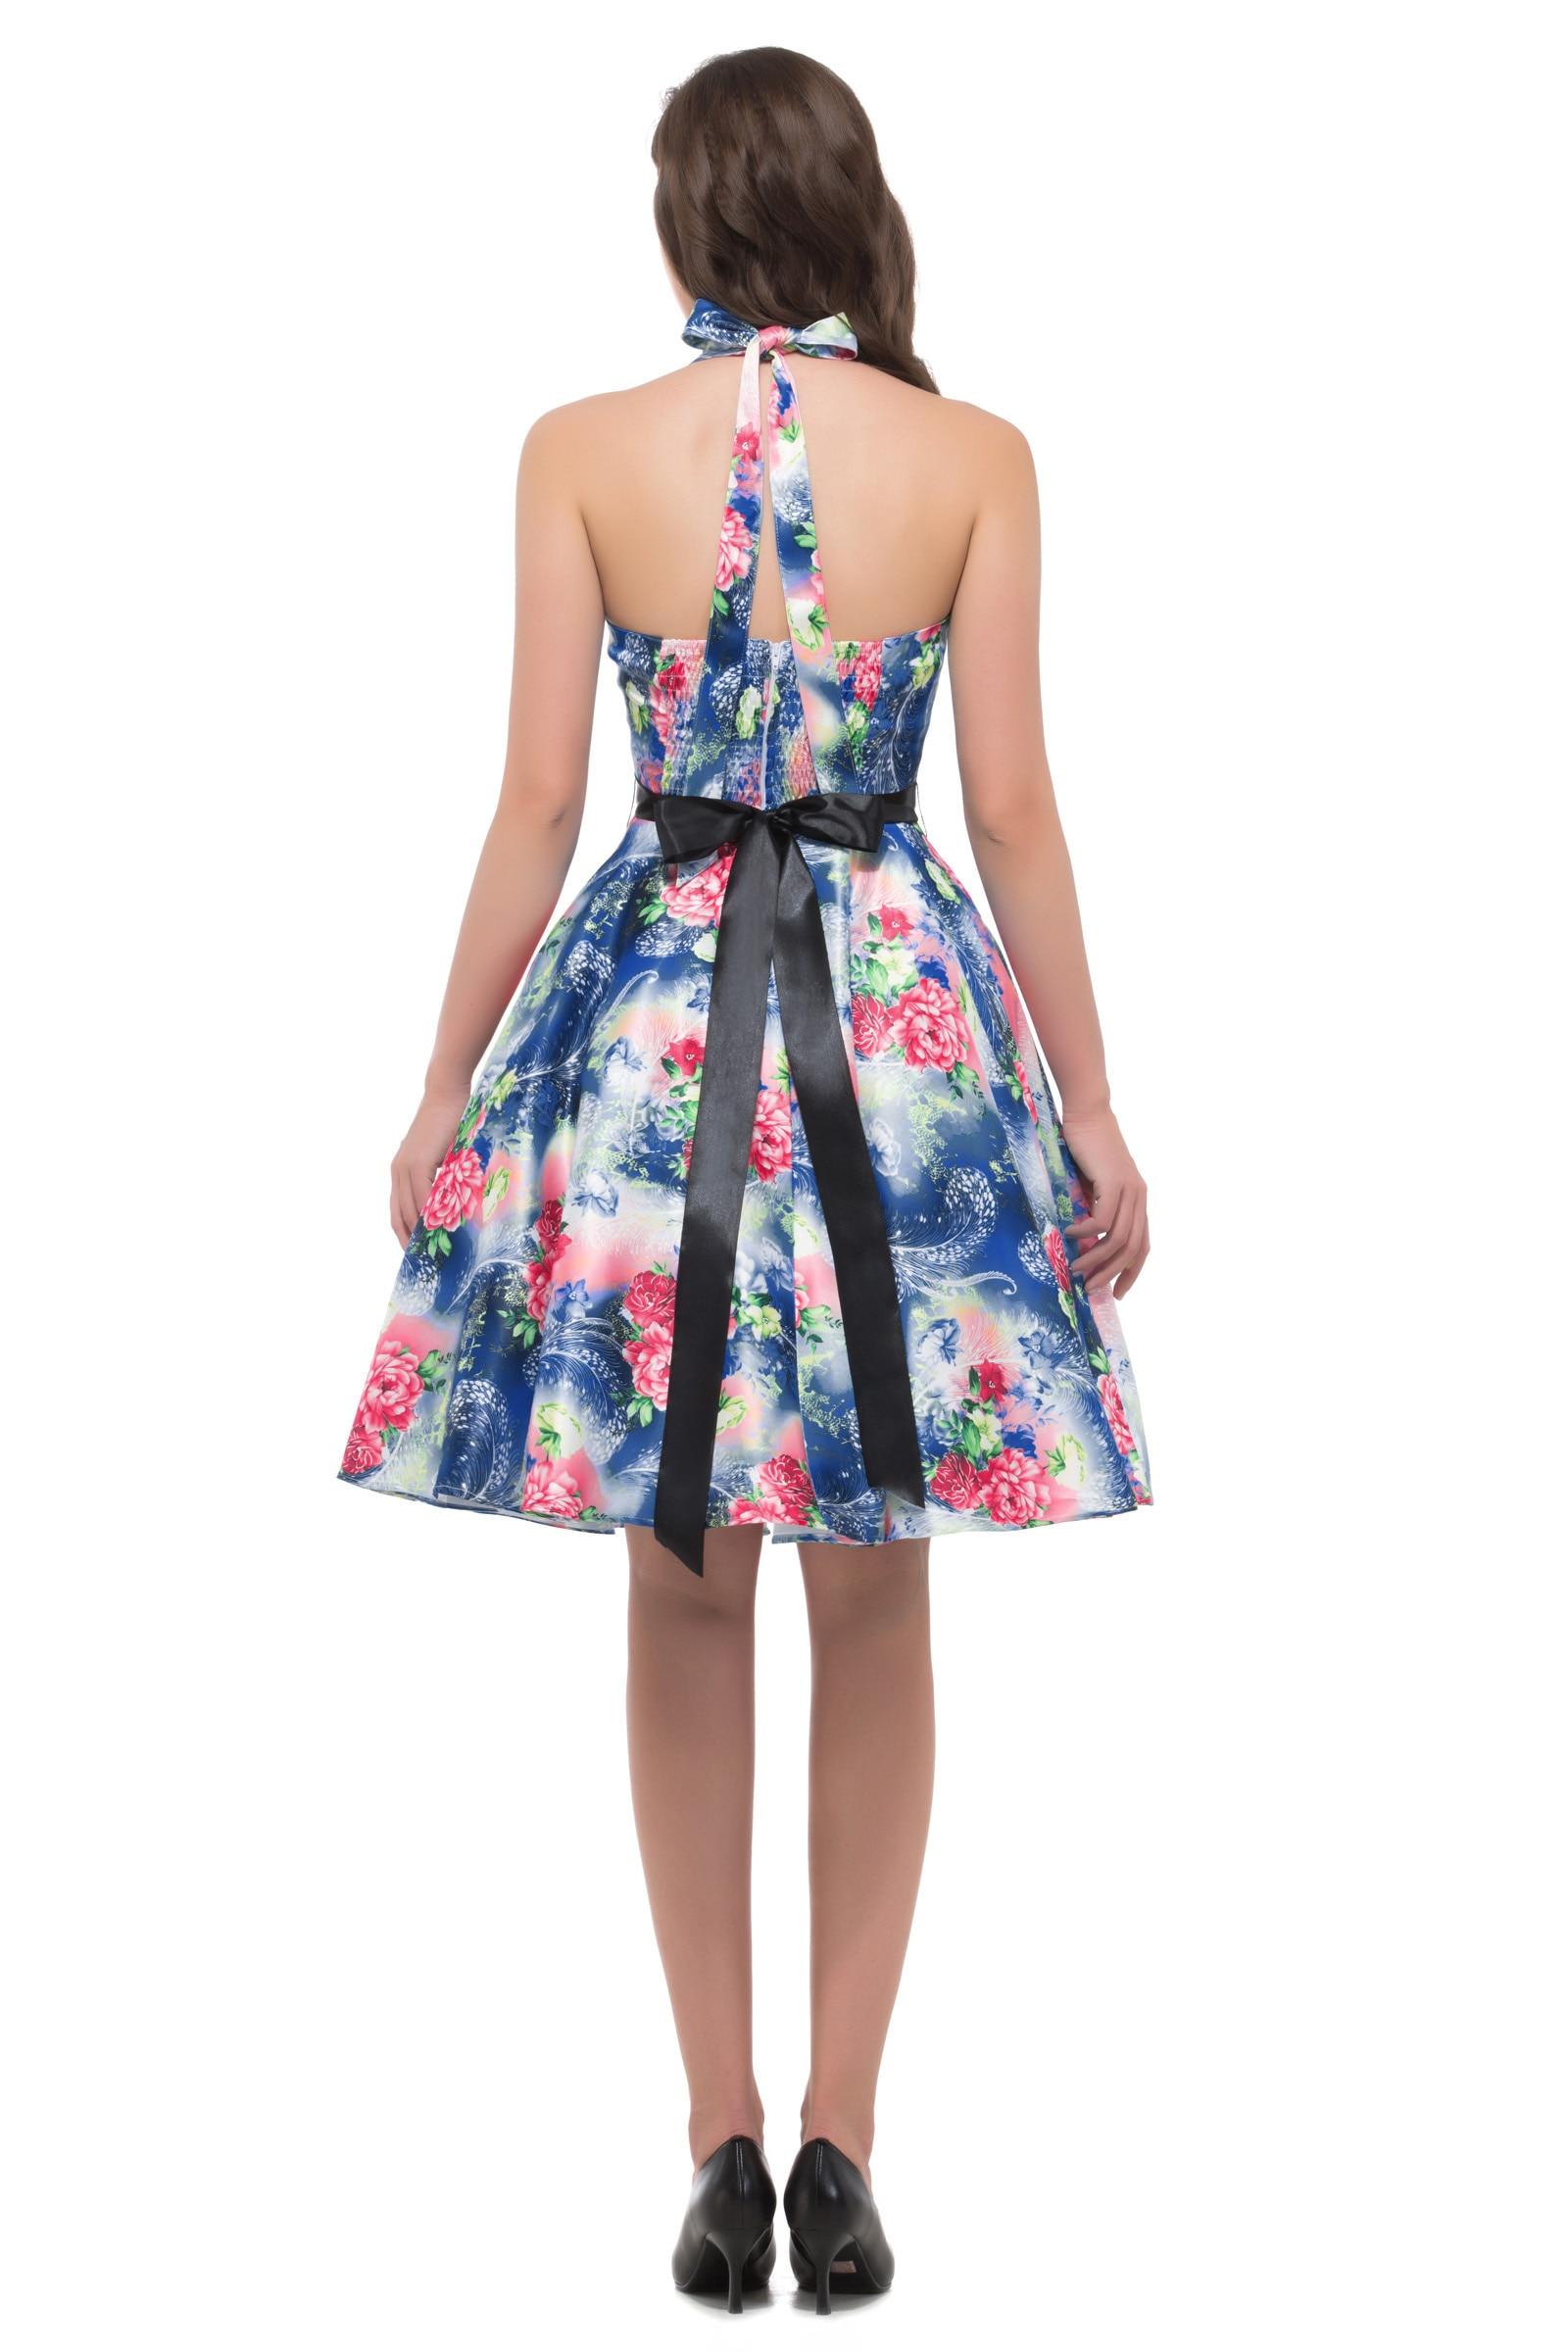 Licou cou col en V imprimé Floral robe genou longueur balançoire robe dissimulée fermeture éclair à l'arrière femmes Vintage 1950 s